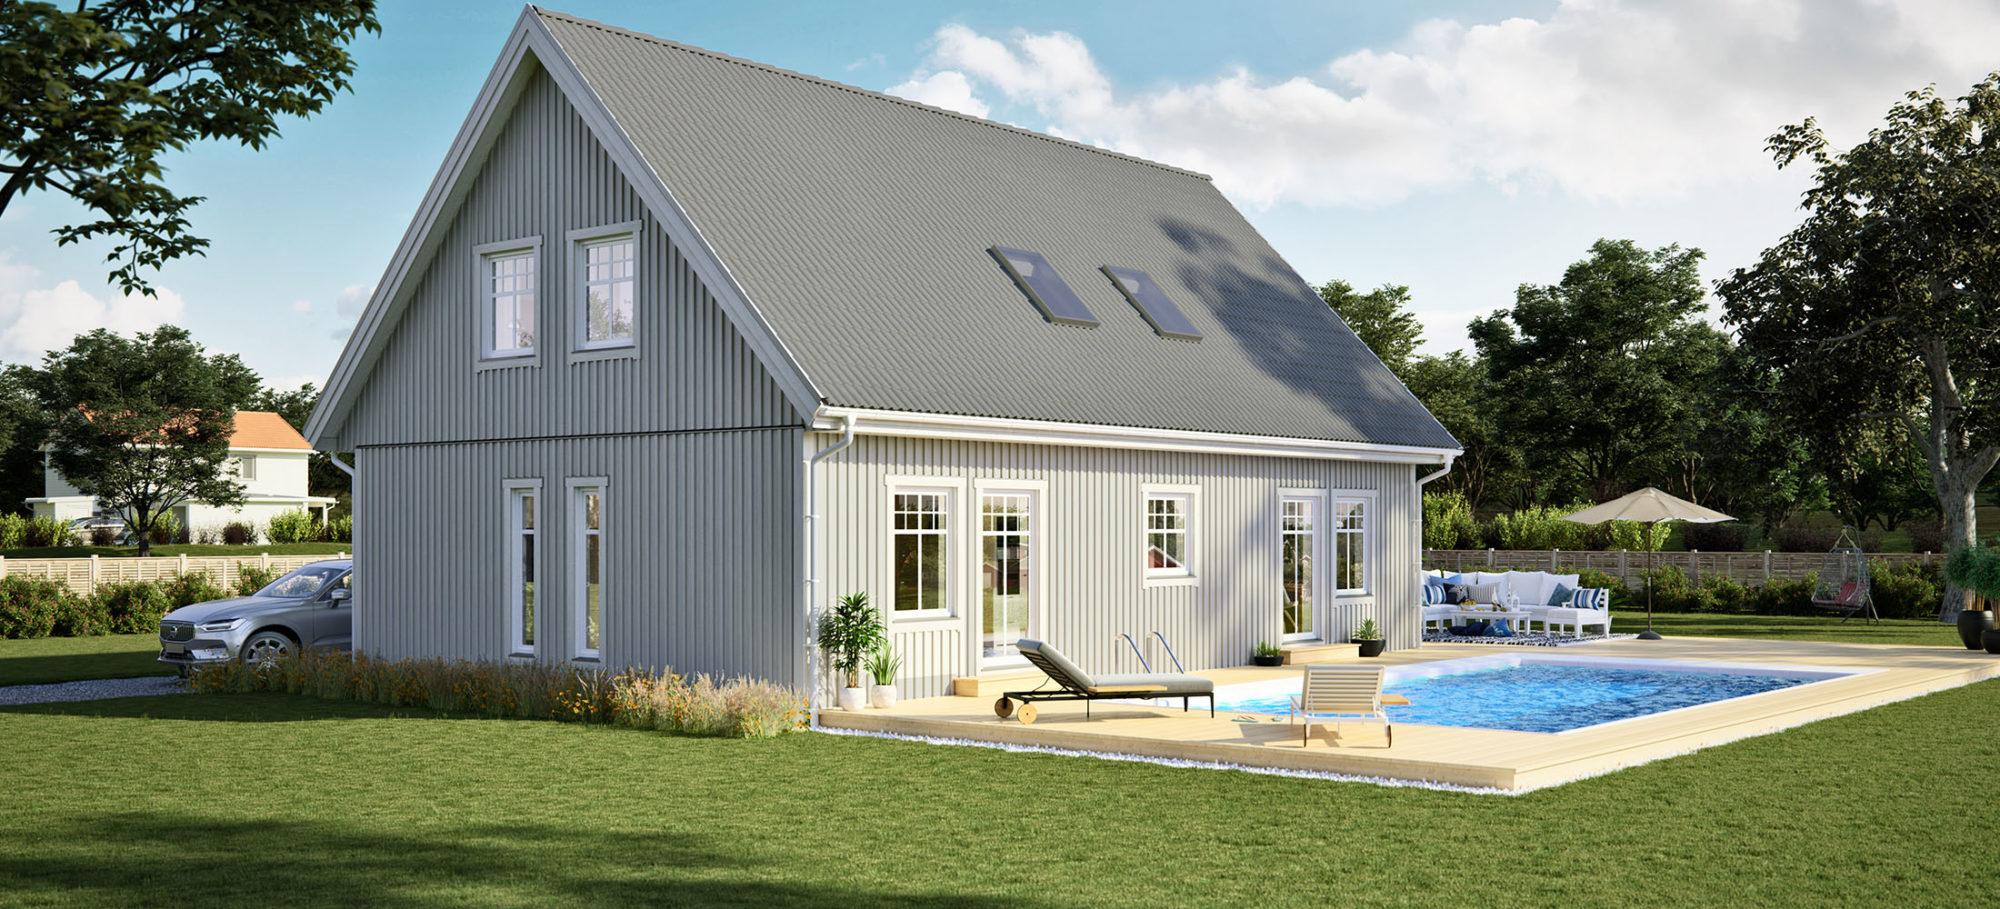 Bild på husmodellen Sol 168 - grå fasad och grått tak